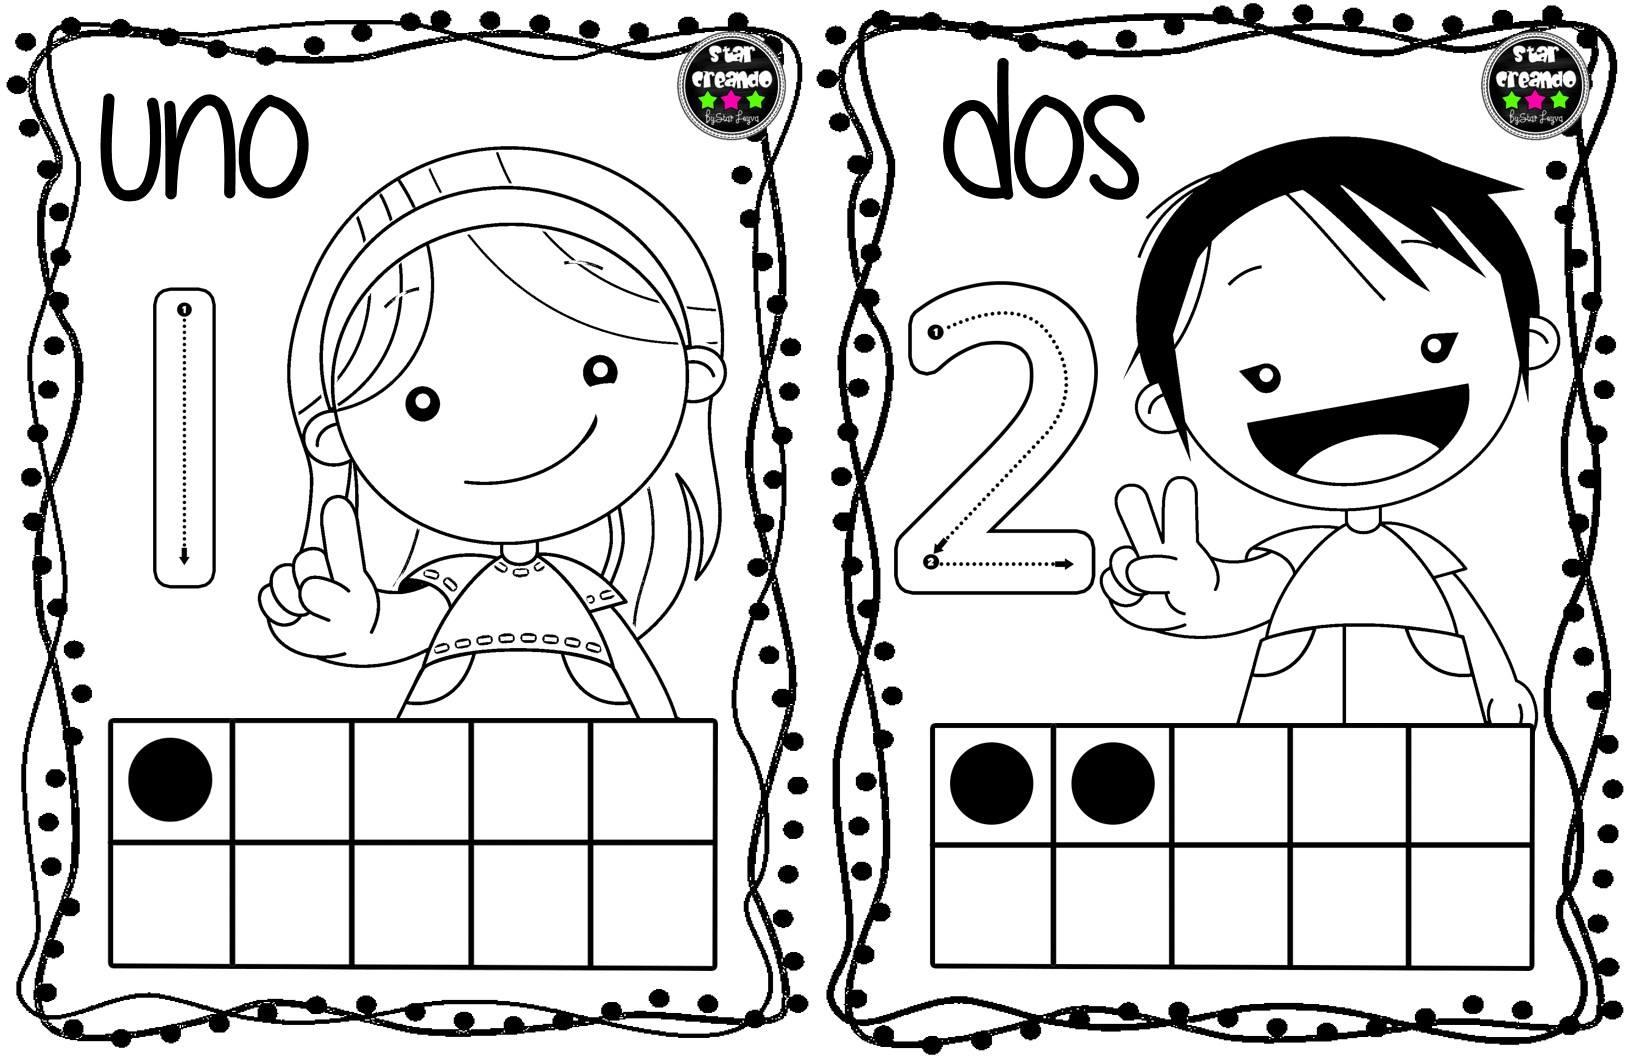 Tarjetas números para colorear (2) - Imagenes Educativas